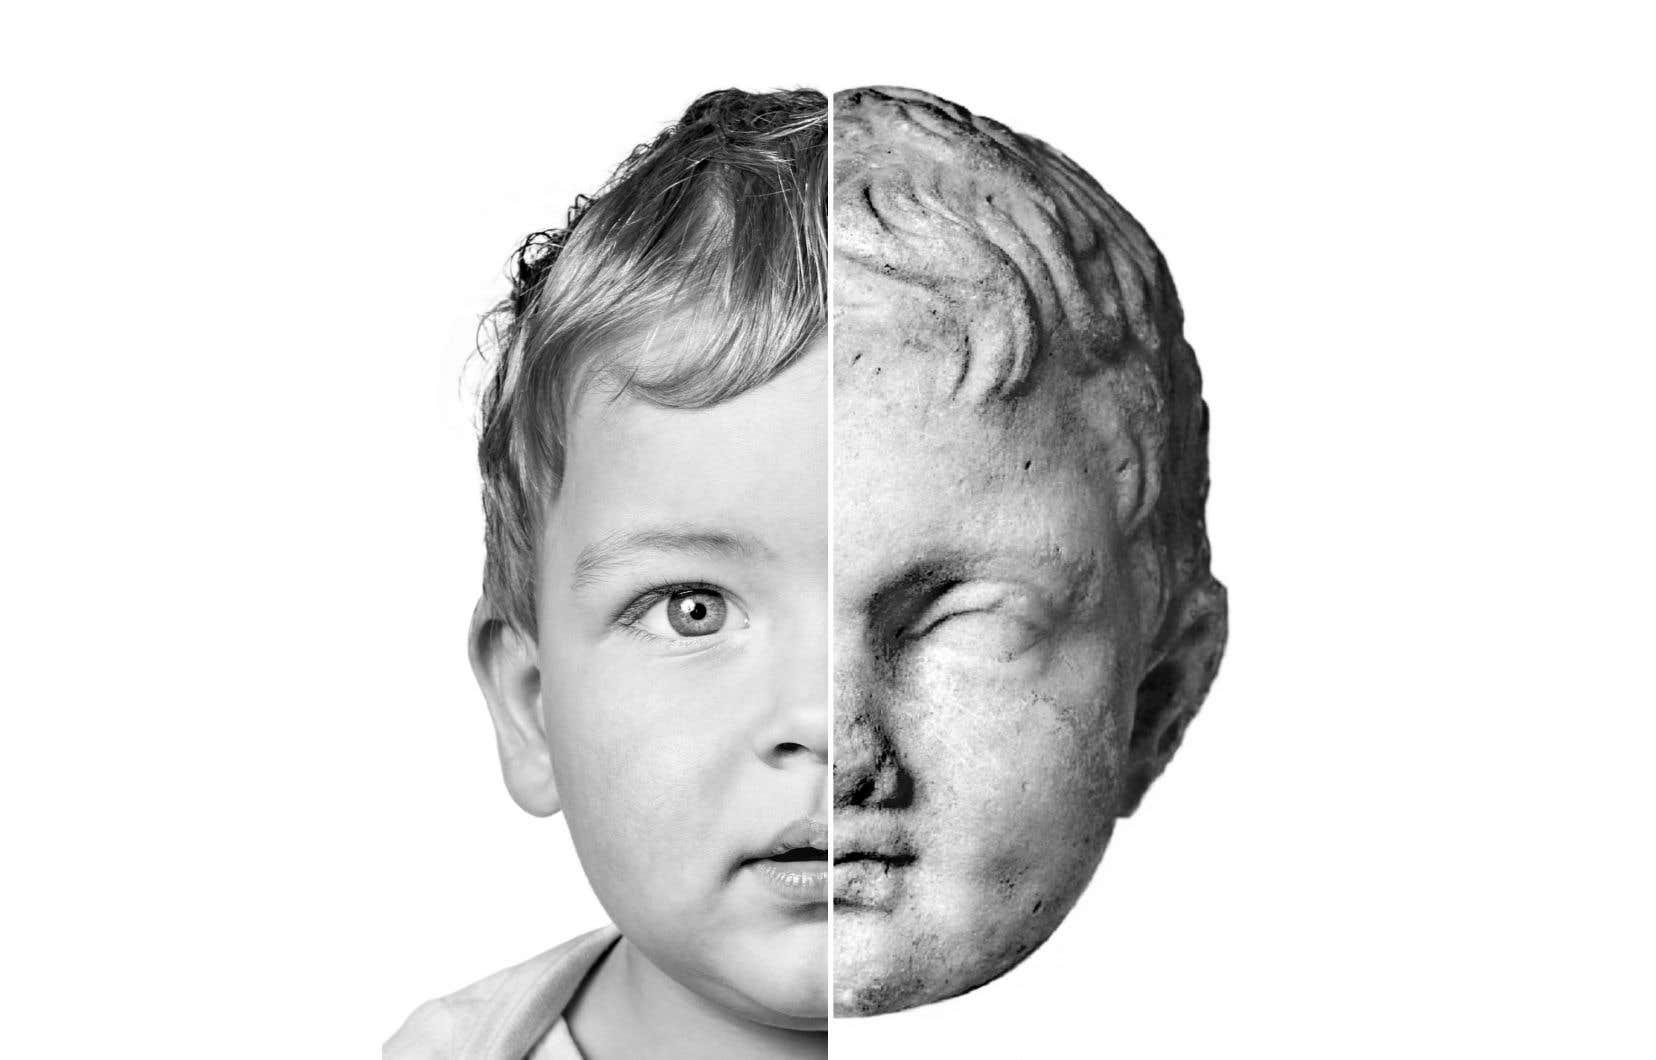 À gauche, Justin Verret, né à Québec en 2016. À droite, un fragment de statue représentant un enfant rieur (entre 300 et 101 av. J.-C.) qui fait partie de la collection du Musée d'art et d'histoire de Genève.